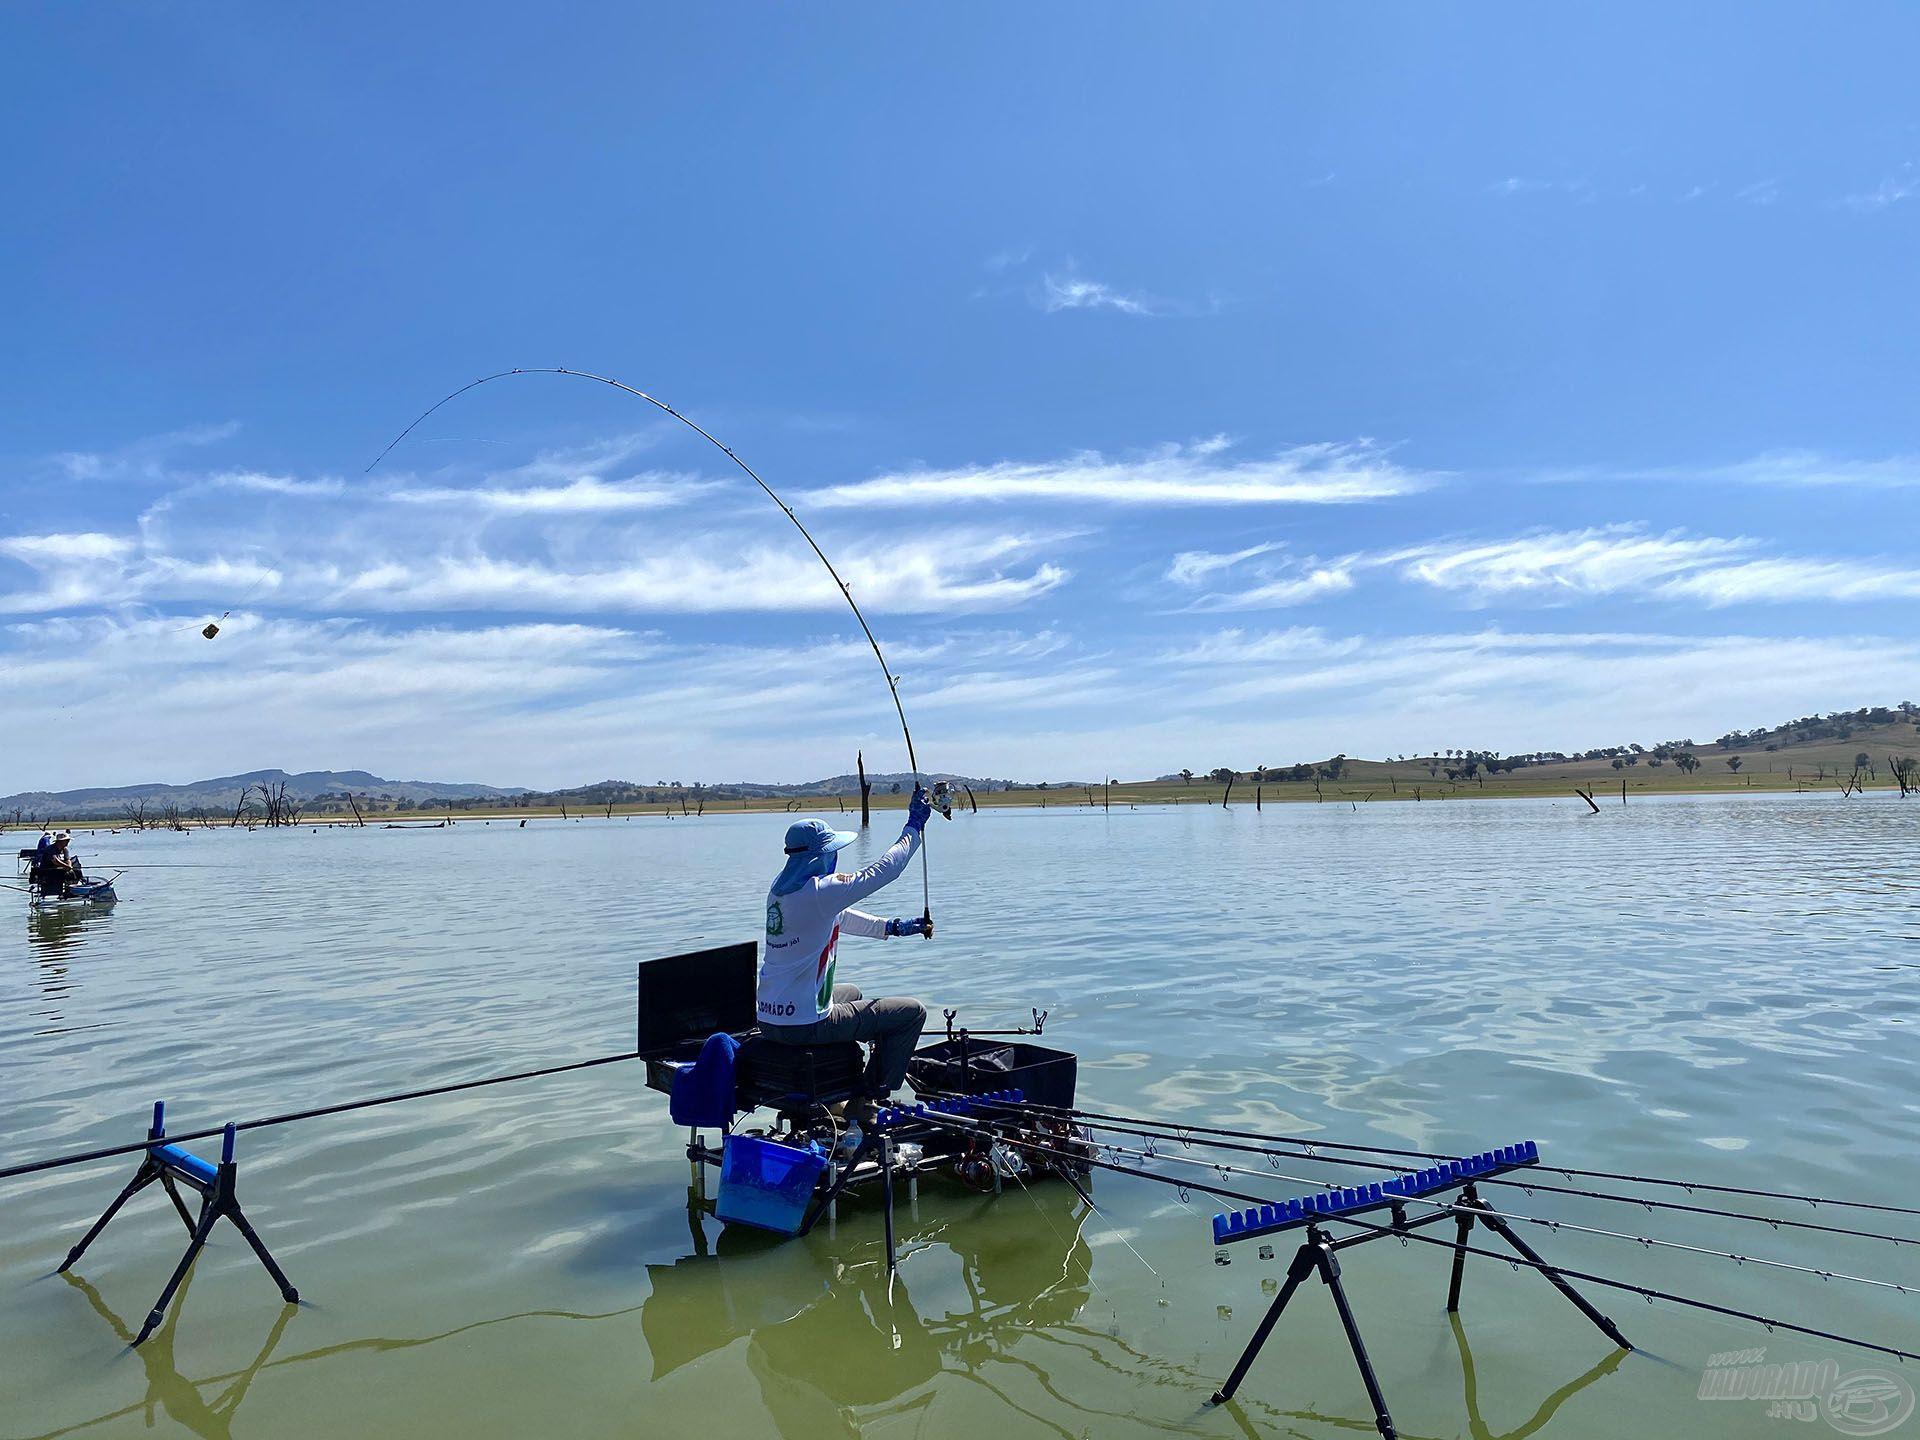 A versenyzők (a sekély parti zóna miatt) a vízben ülve horgásztak